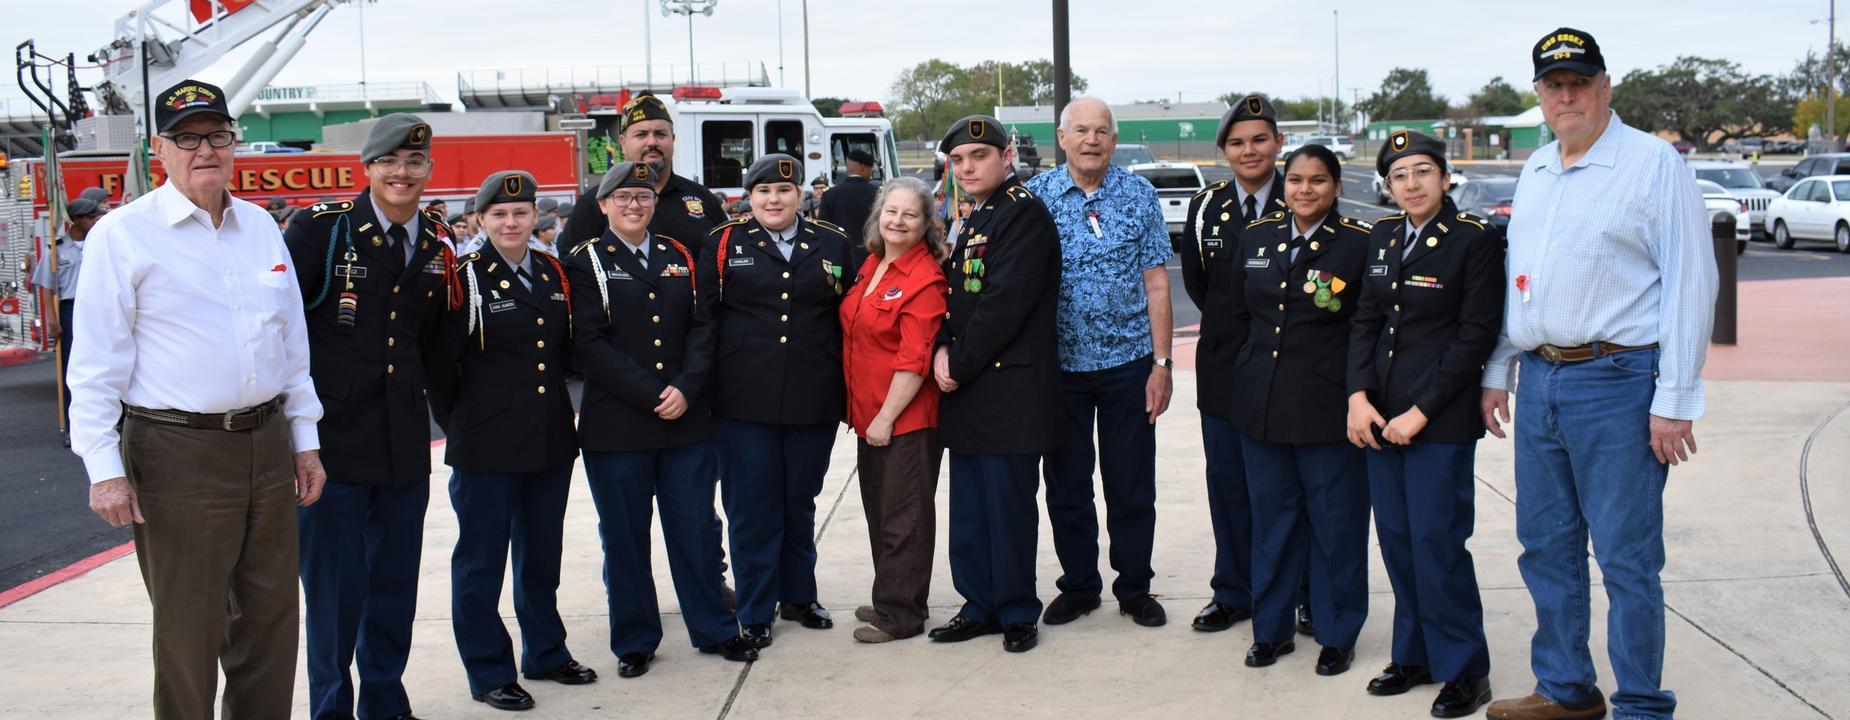 HS Veterans Ceremony